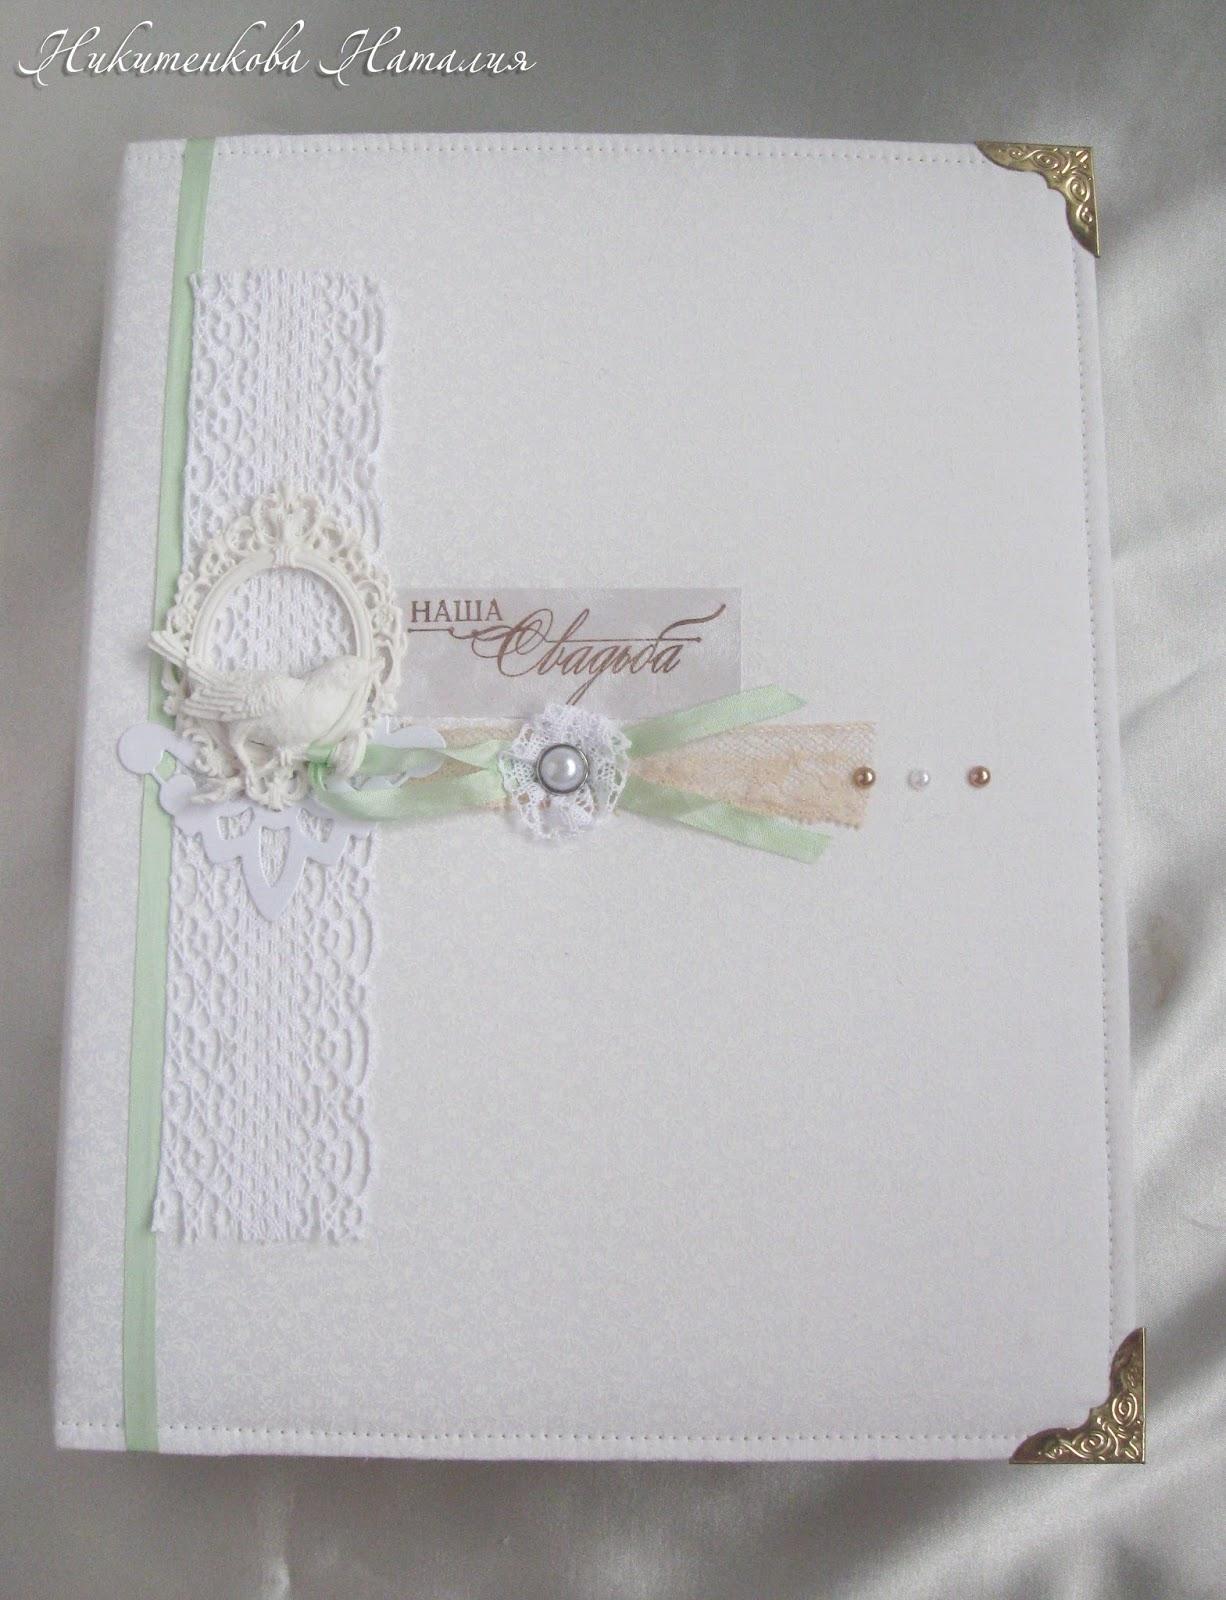 свадебный фотоальбом, альбом на свадьбу, свадьба, подарок на свадьбу